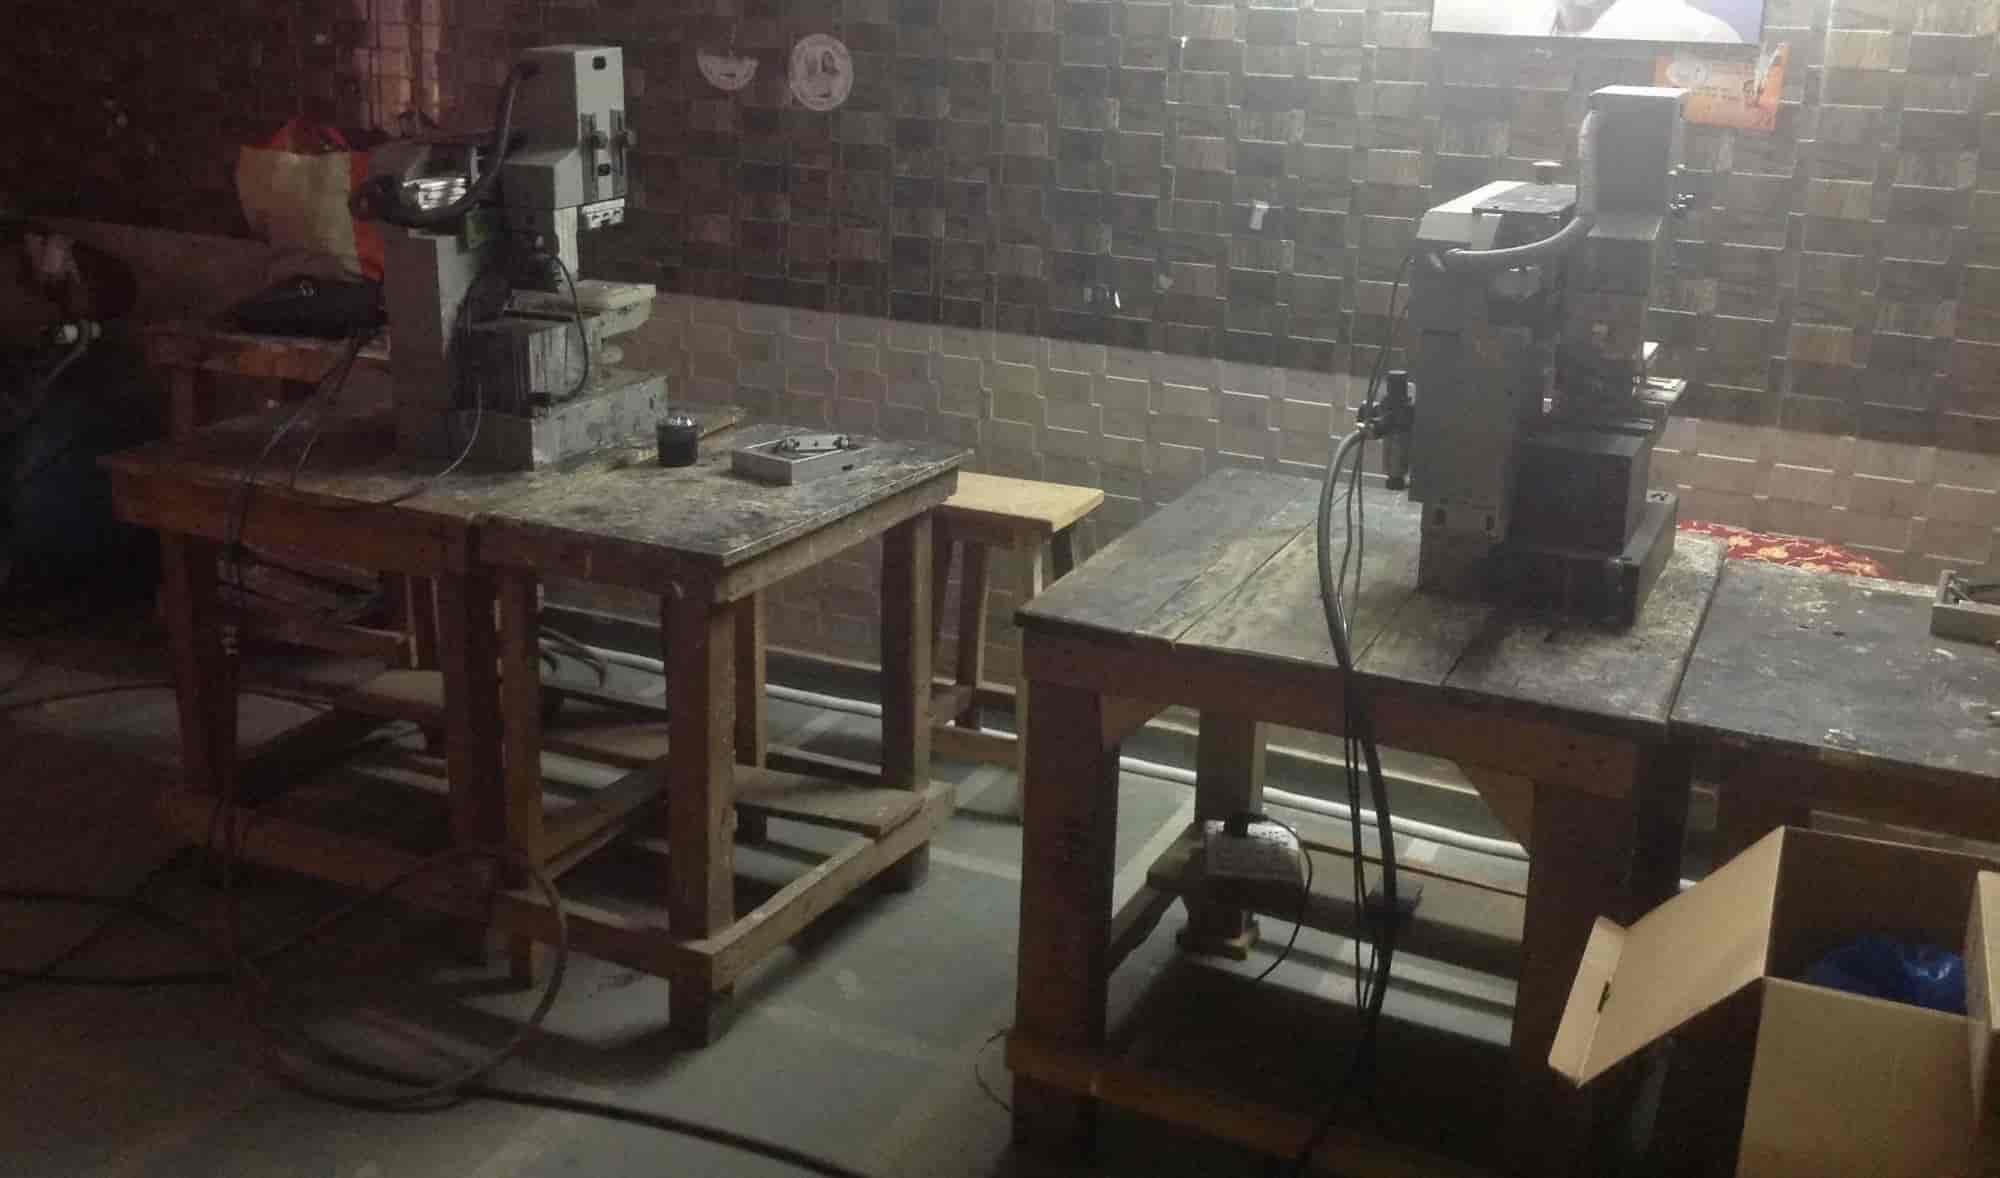 Shree Shree Pad Printing Photos, Shastri Nagar N, Rajkot